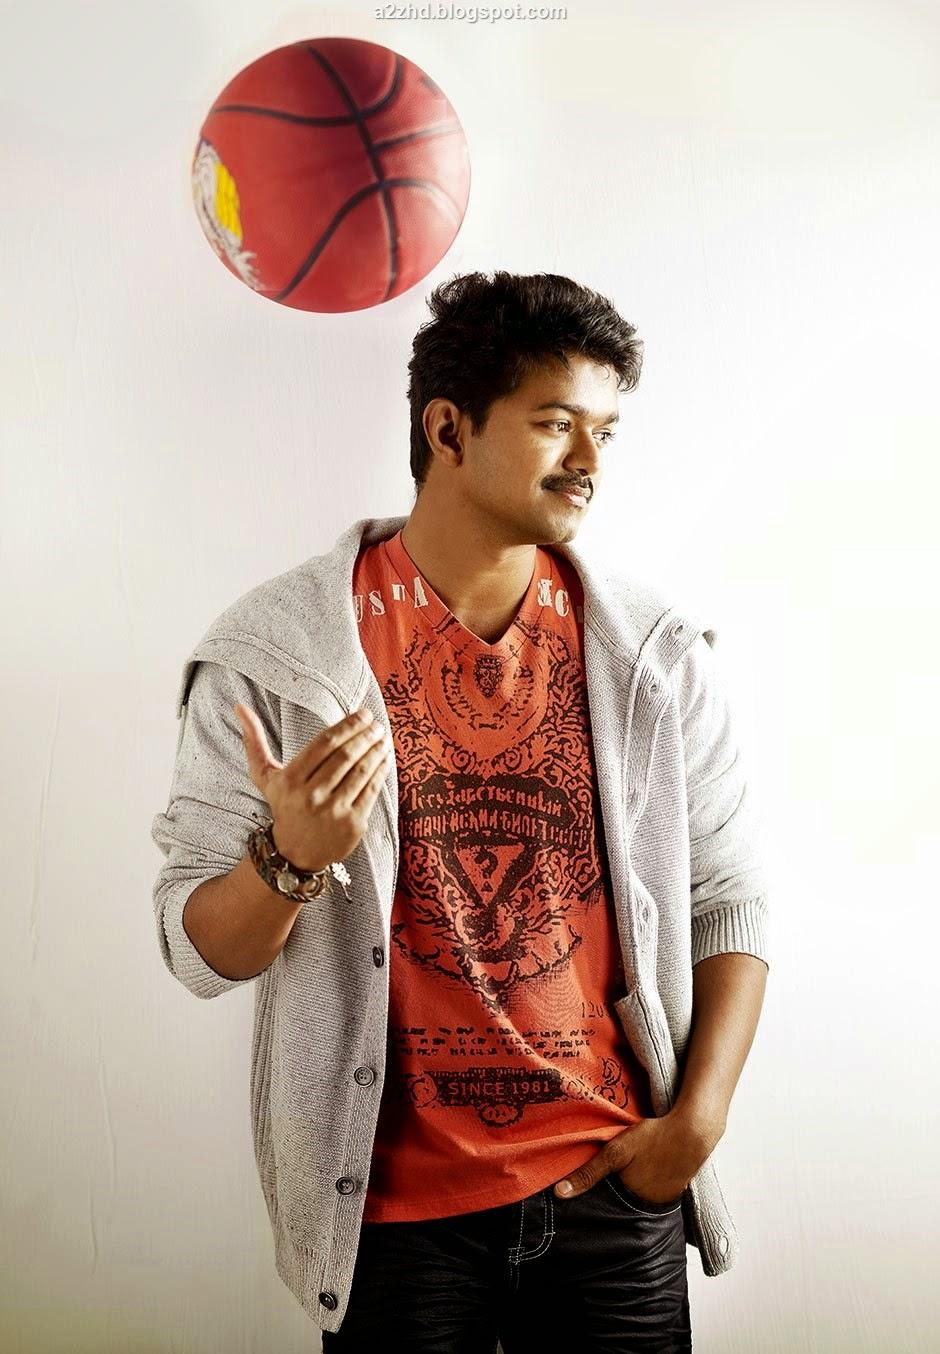 Vijay Love Wallpapers : HDHotwallpaperslovefacebookimagesbabyimagespicturesphotospicslatestnew: AcTOR VIJAY ...